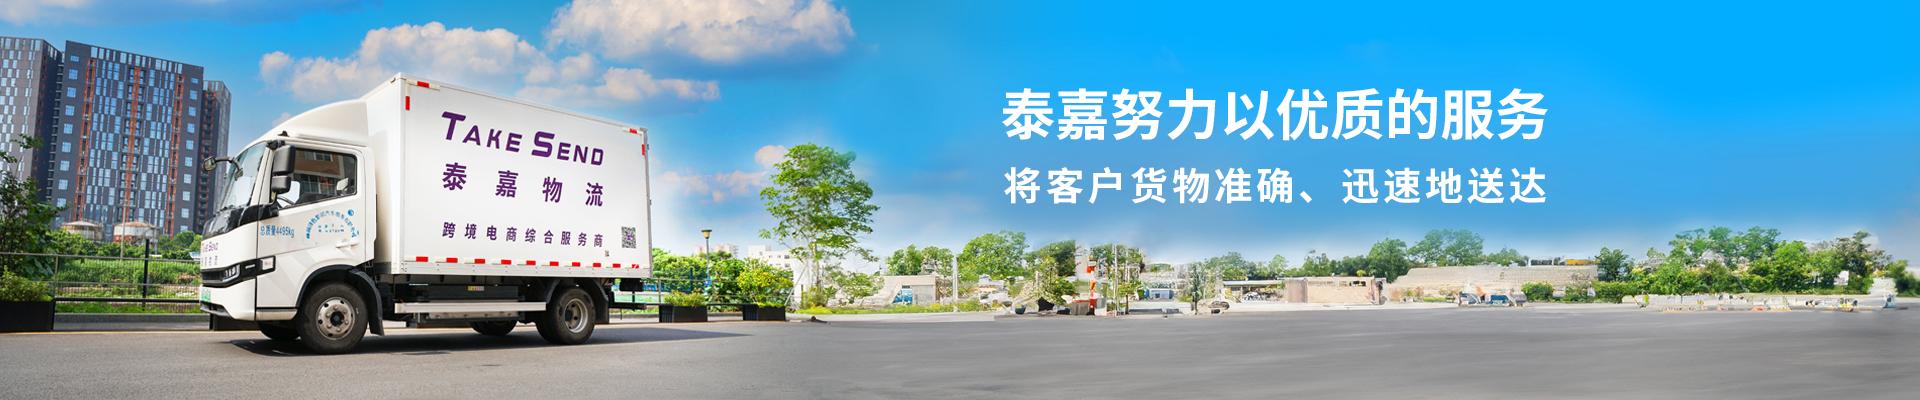 深圳泰嘉物流公司致力于提供专业优质的国际快递服务